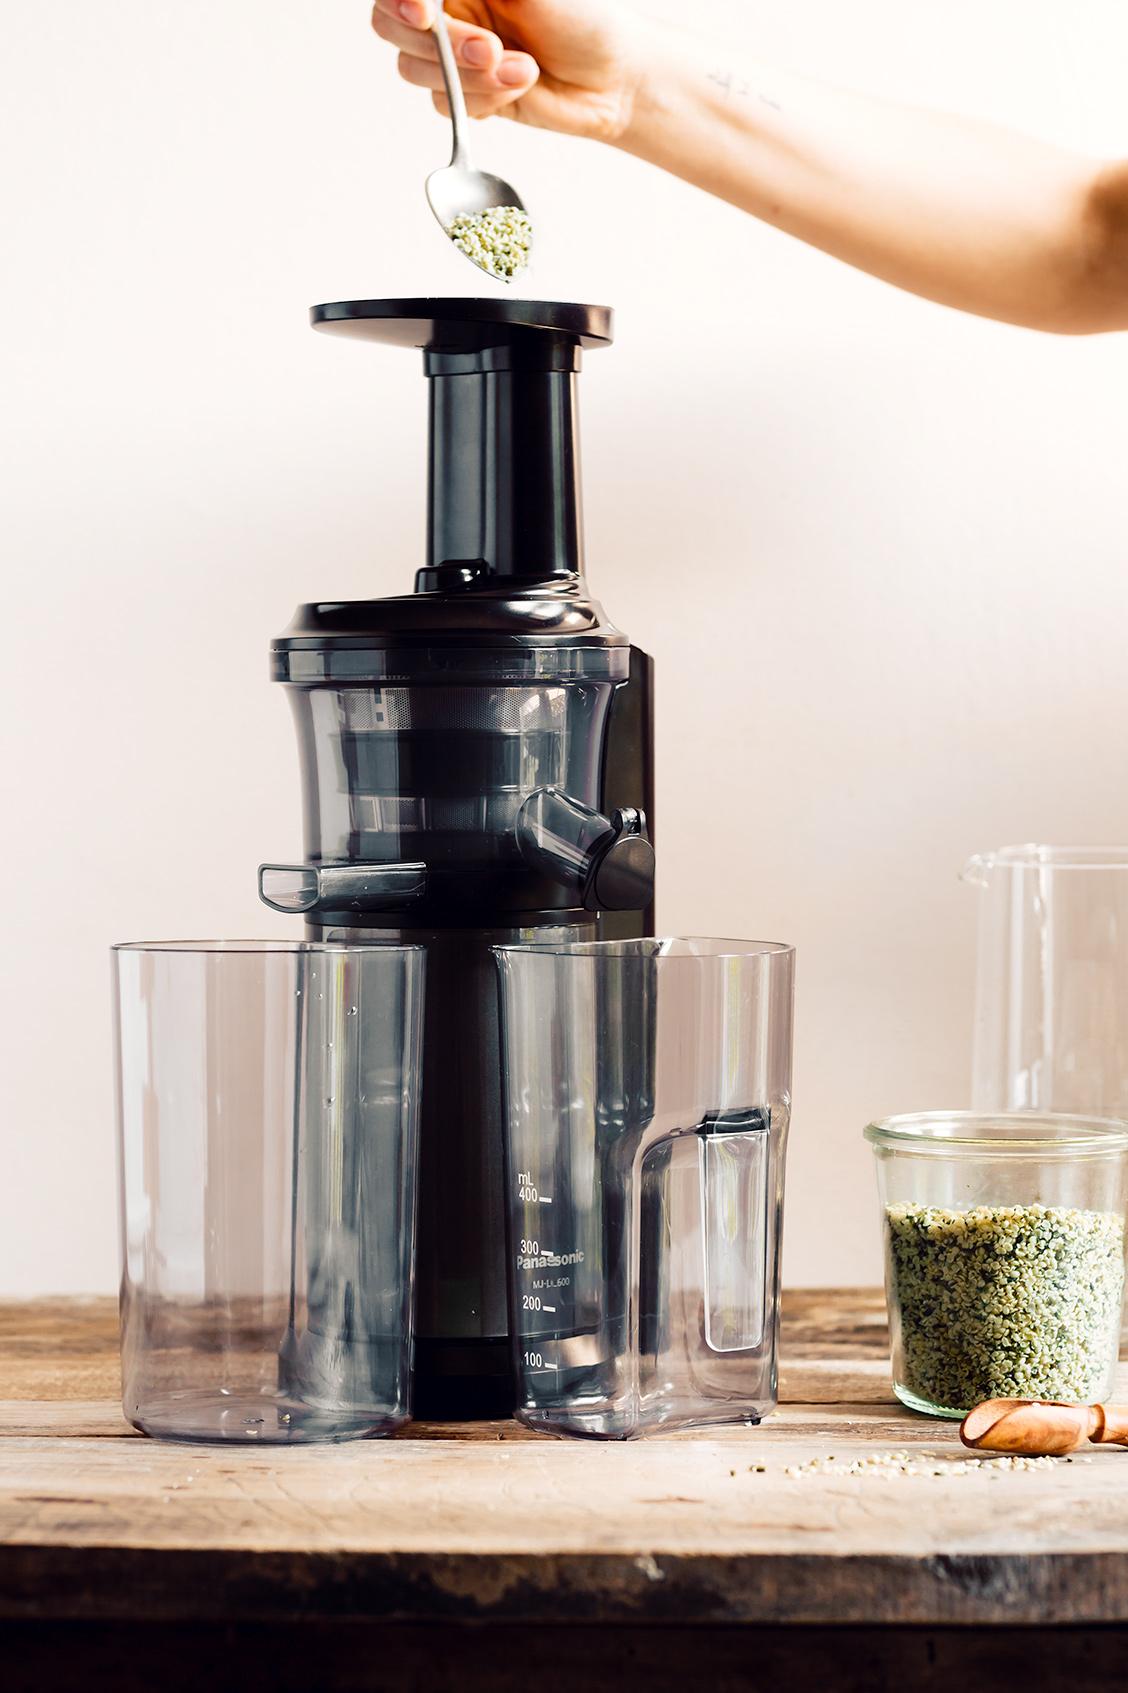 how to make vegan glutenfree HEMP MILK recipe dairyfree come fare il LATTE DI CANAPA fatto in casa con estrattore 2 ingredienti cremoso leggero glutine senza lattosio